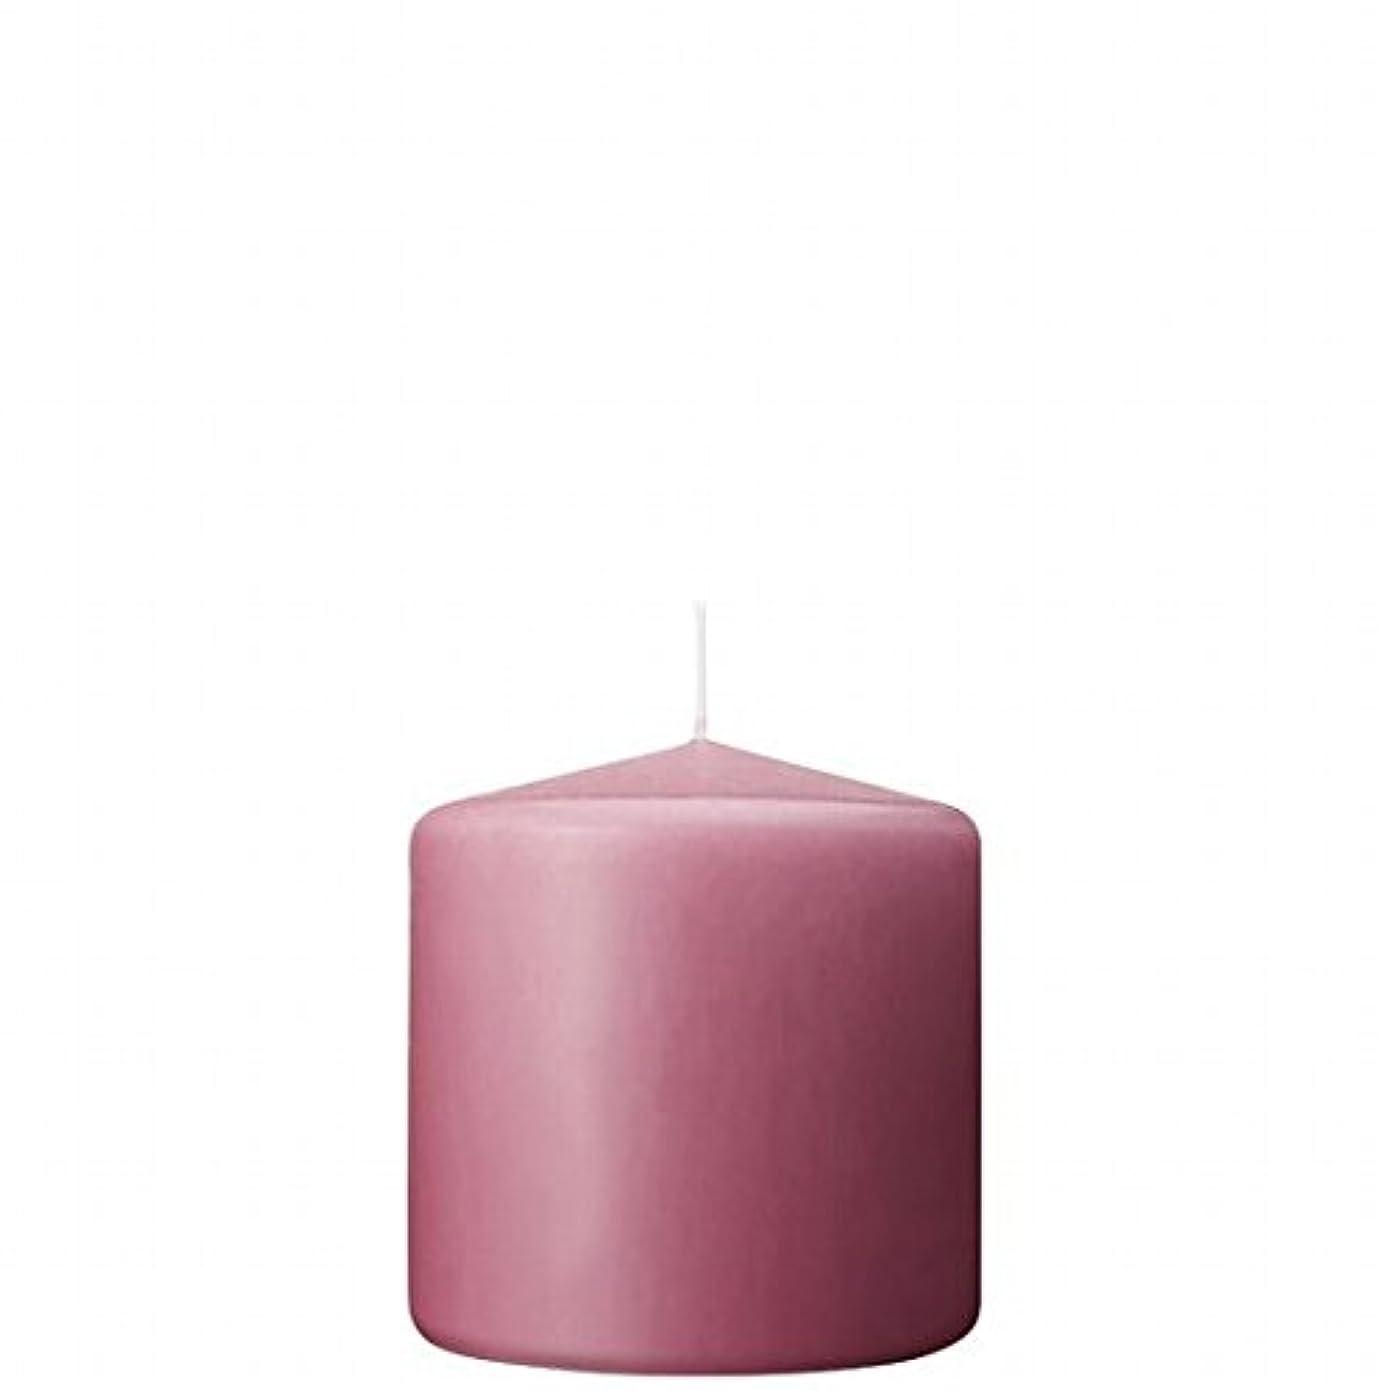 新聞クリケット珍味カメヤマキャンドル(kameyama candle) 3×3ベルトップピラーキャンドル 「 ラベンダークリーム 」